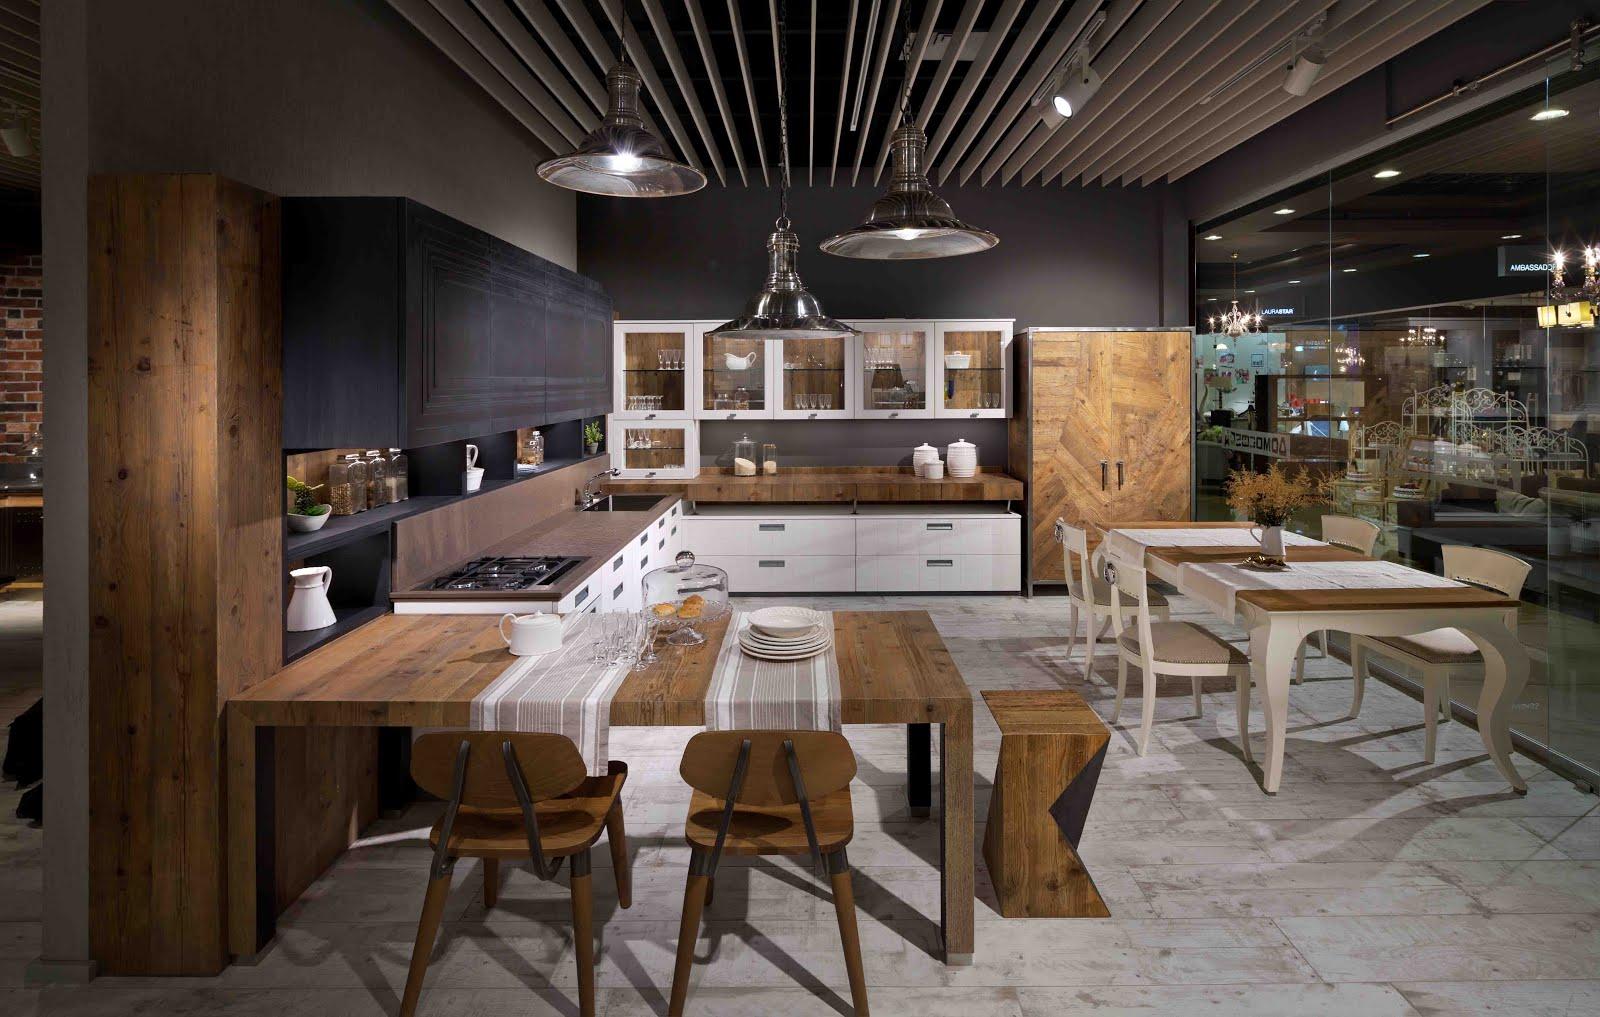 Arredo e design nuova apertura per marchi cucine - Cucine anni 40 ...